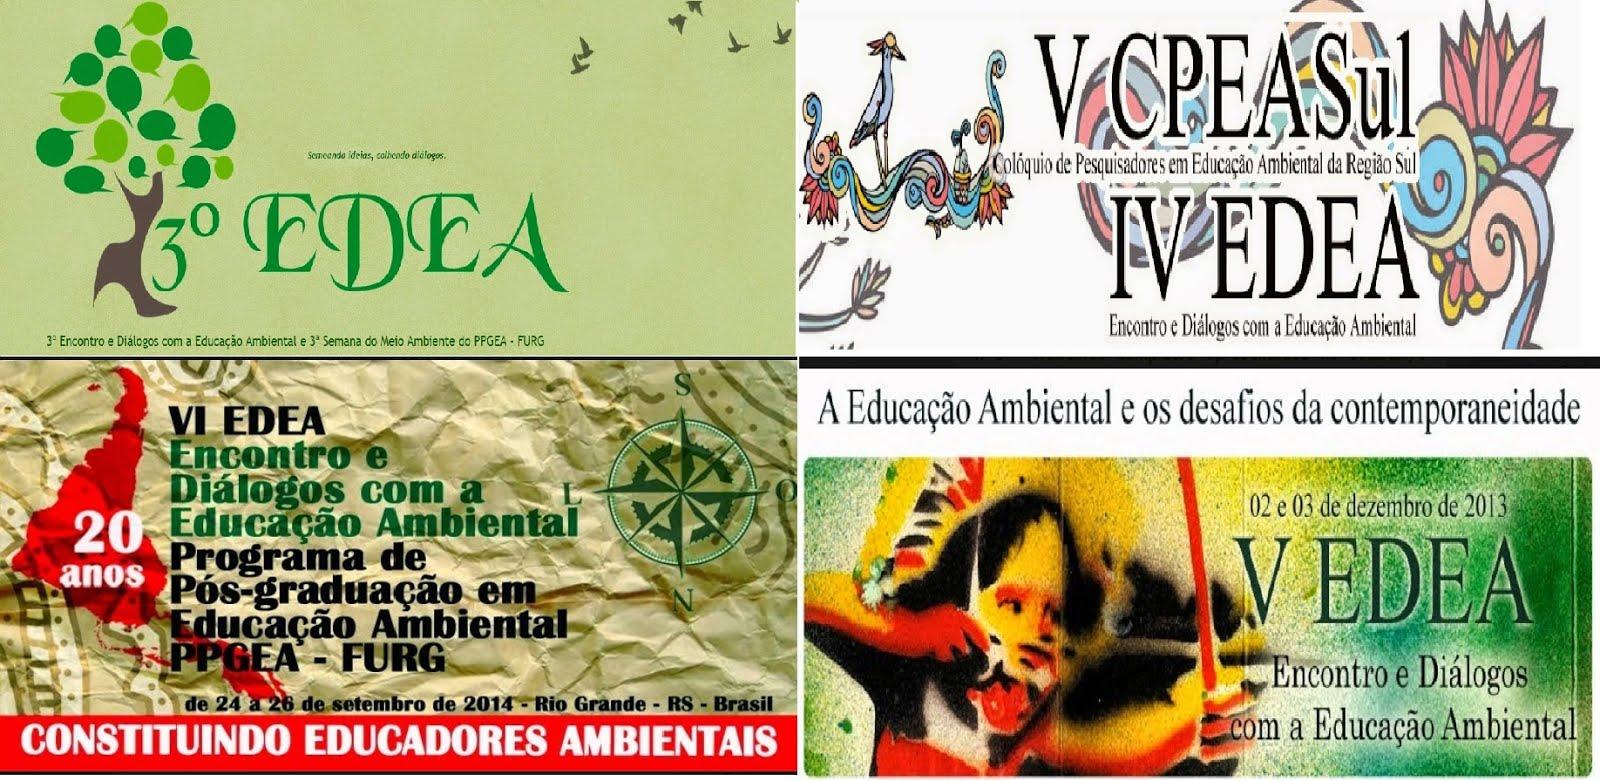 EDEA - Encontro e Diálogos com a Educação Ambiental (PPGEA/FURG)